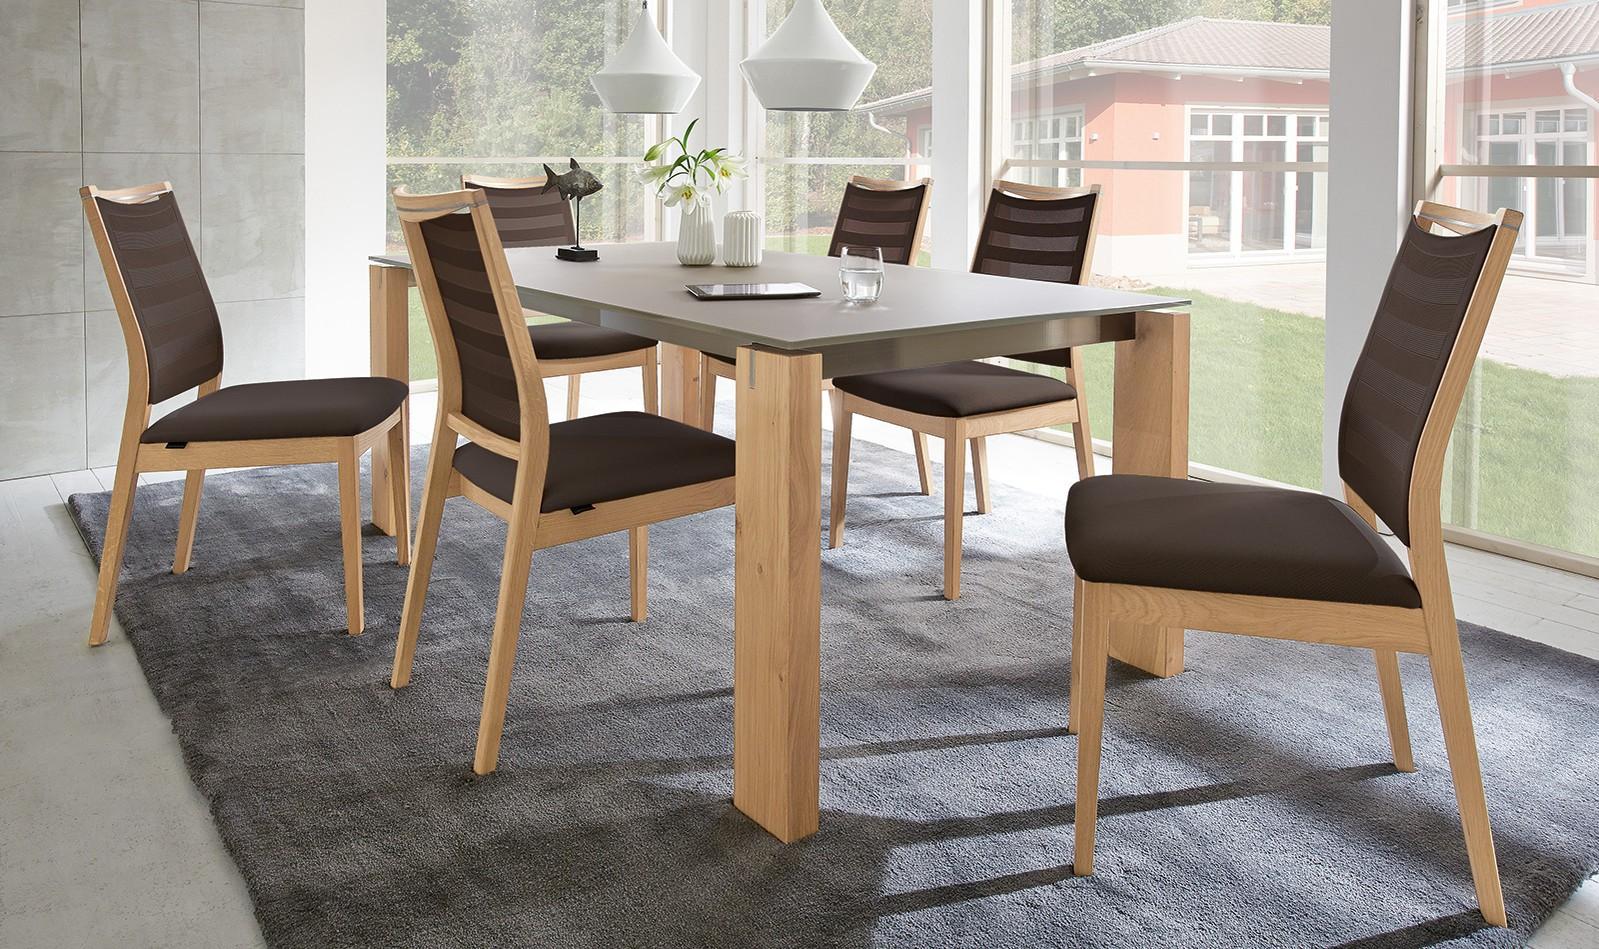 venjakob stuhl cool venjakob stuhlgruppe esstisch next level wildeiche with venjakob stuhl. Black Bedroom Furniture Sets. Home Design Ideas